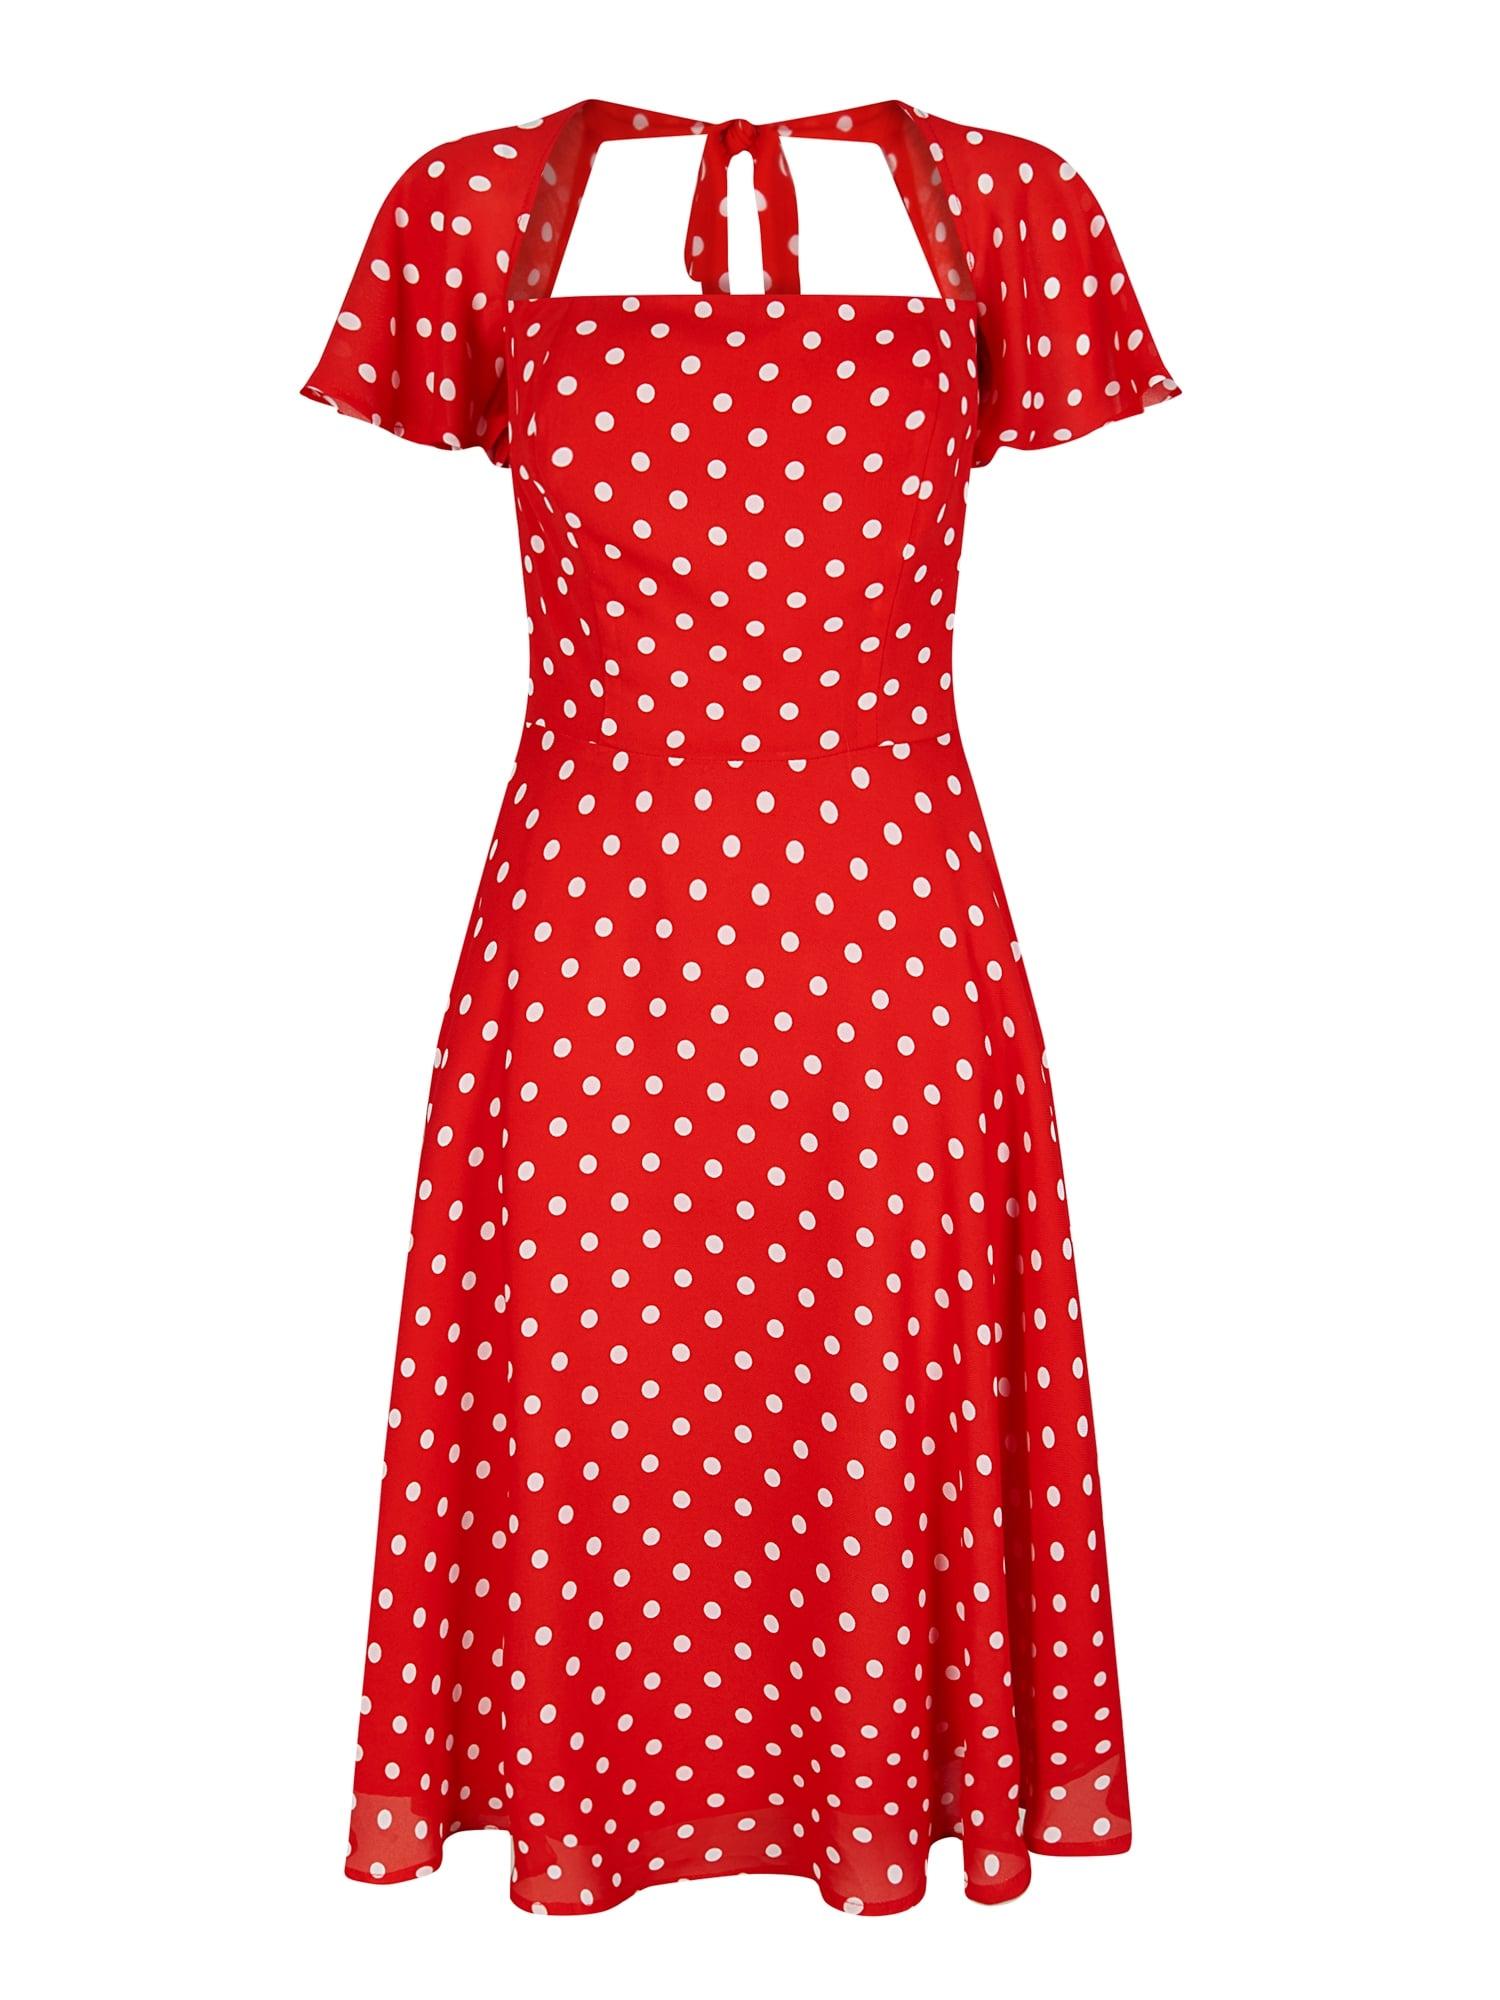 87225c04fb24 Collectif Juliet Červené Bodkované Šaty - JoyStore.sk